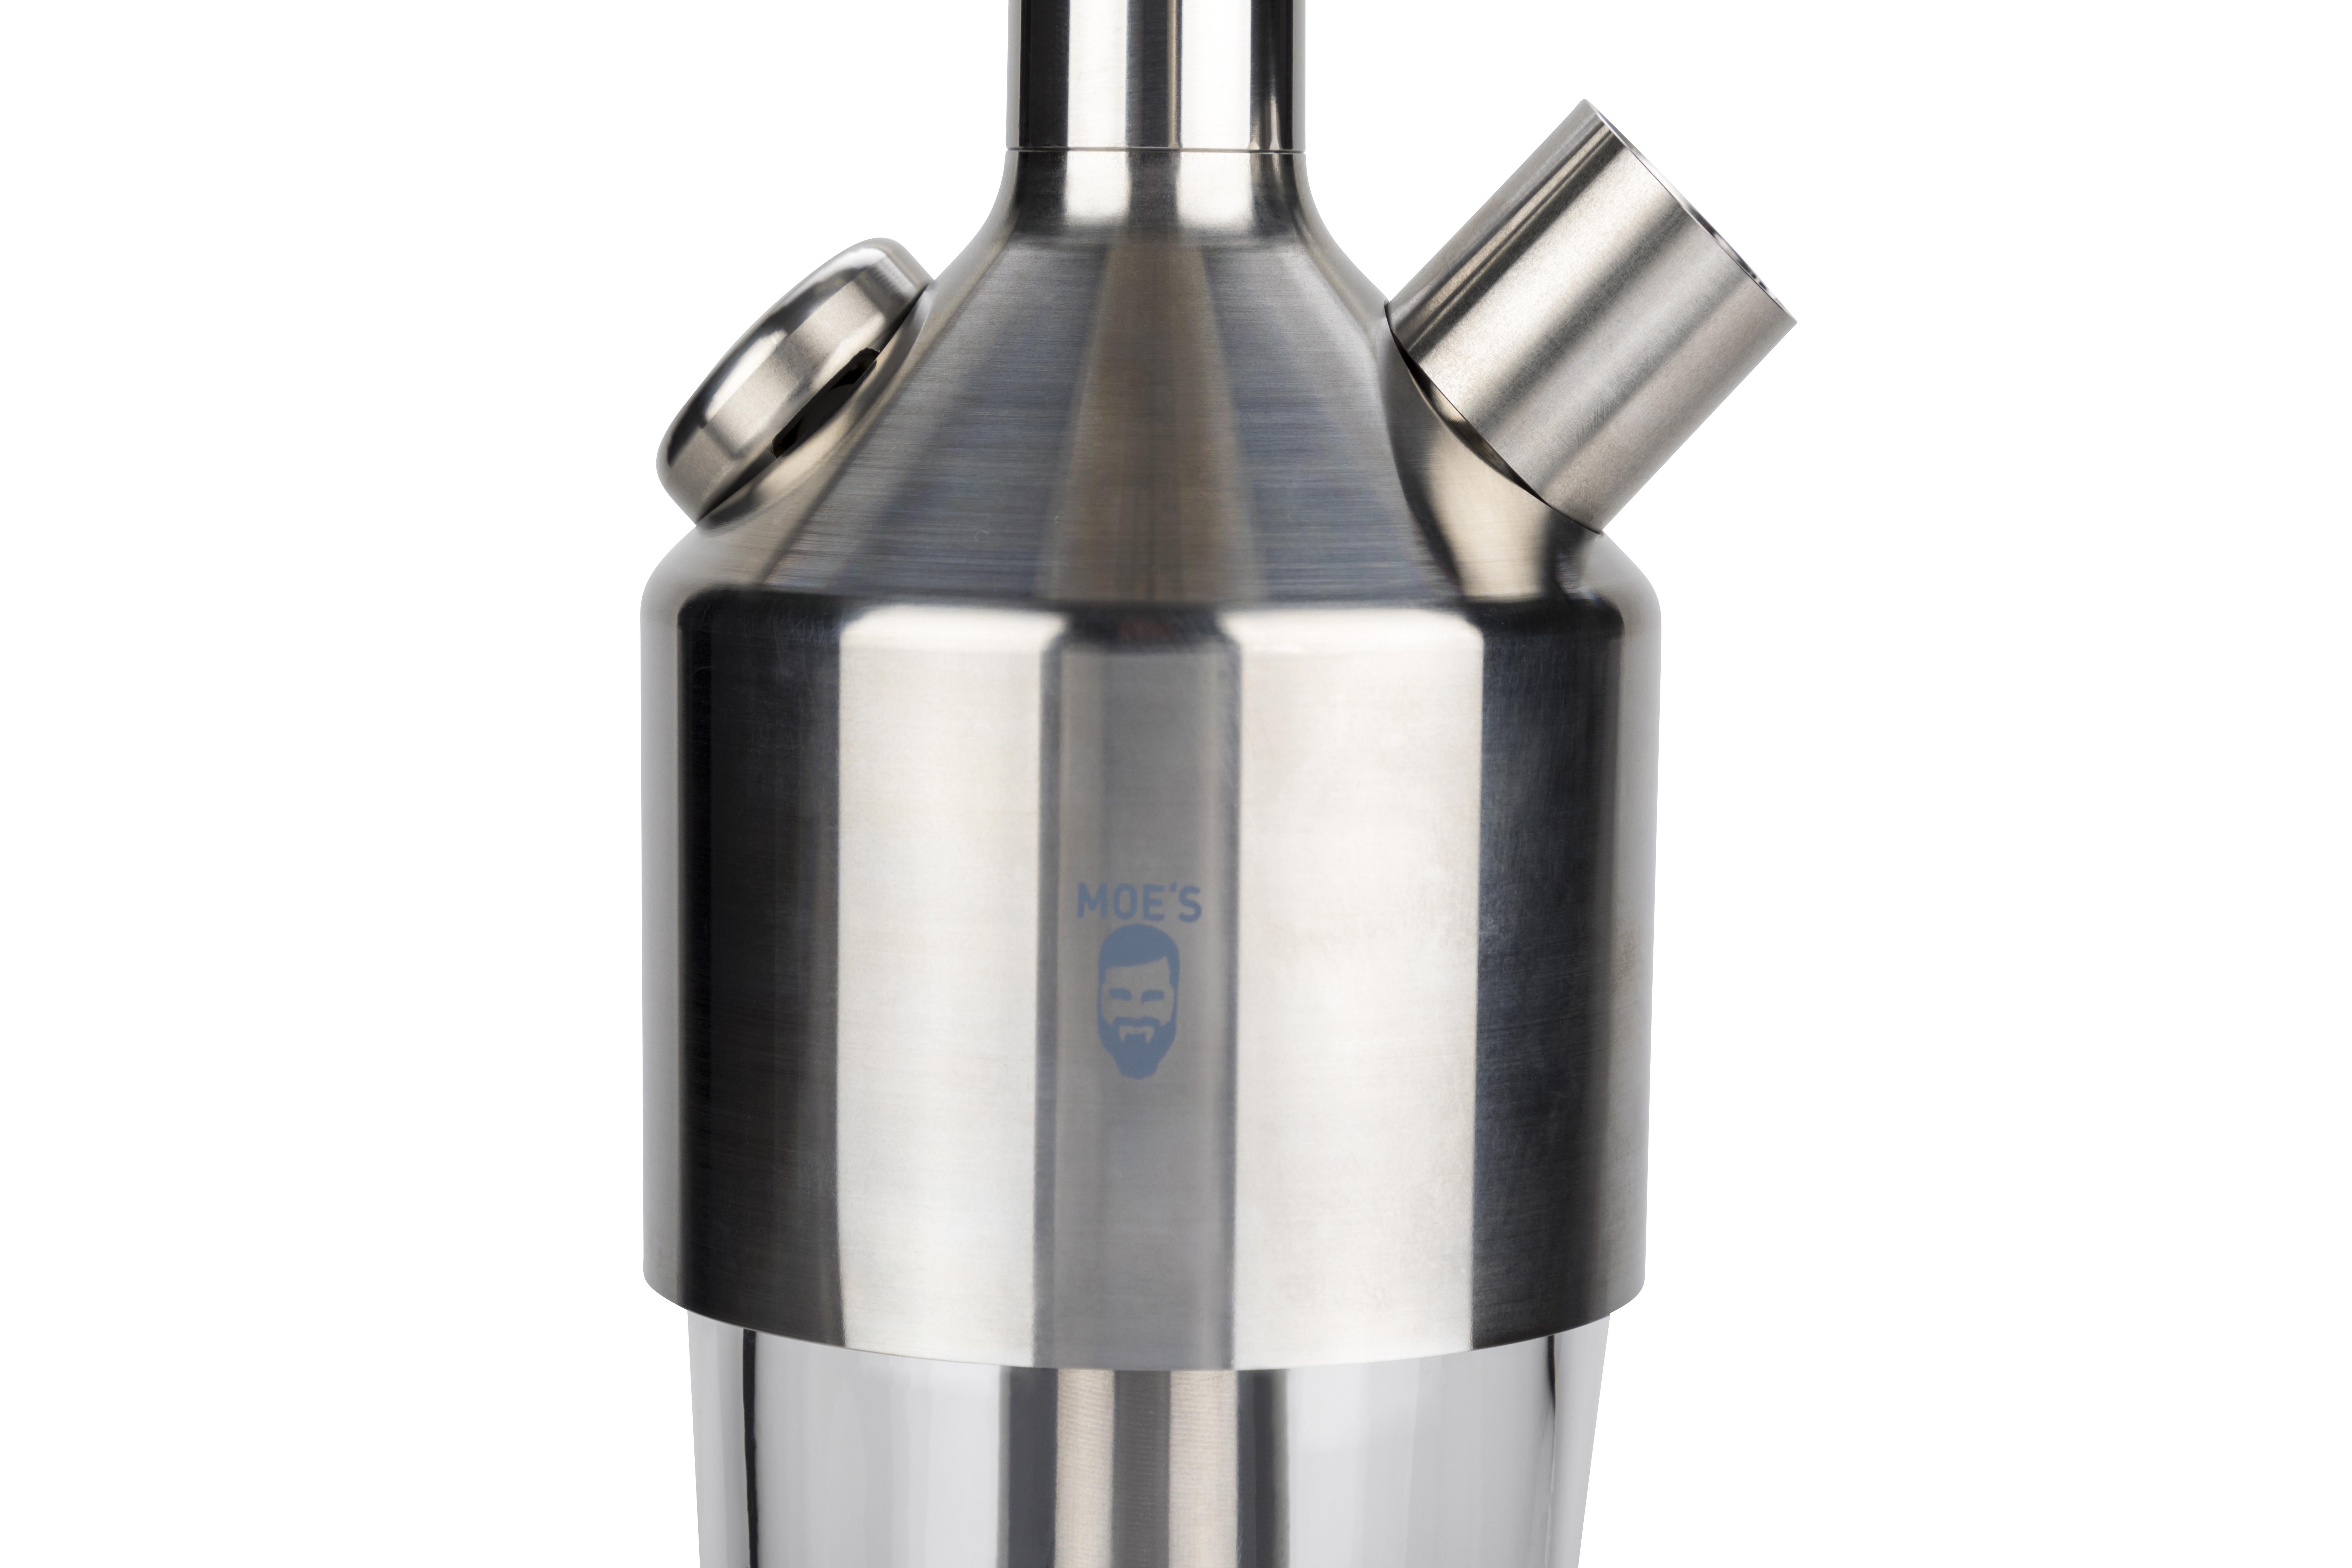 ONES - V2A Edelstahl / V2A  Stainless Steel